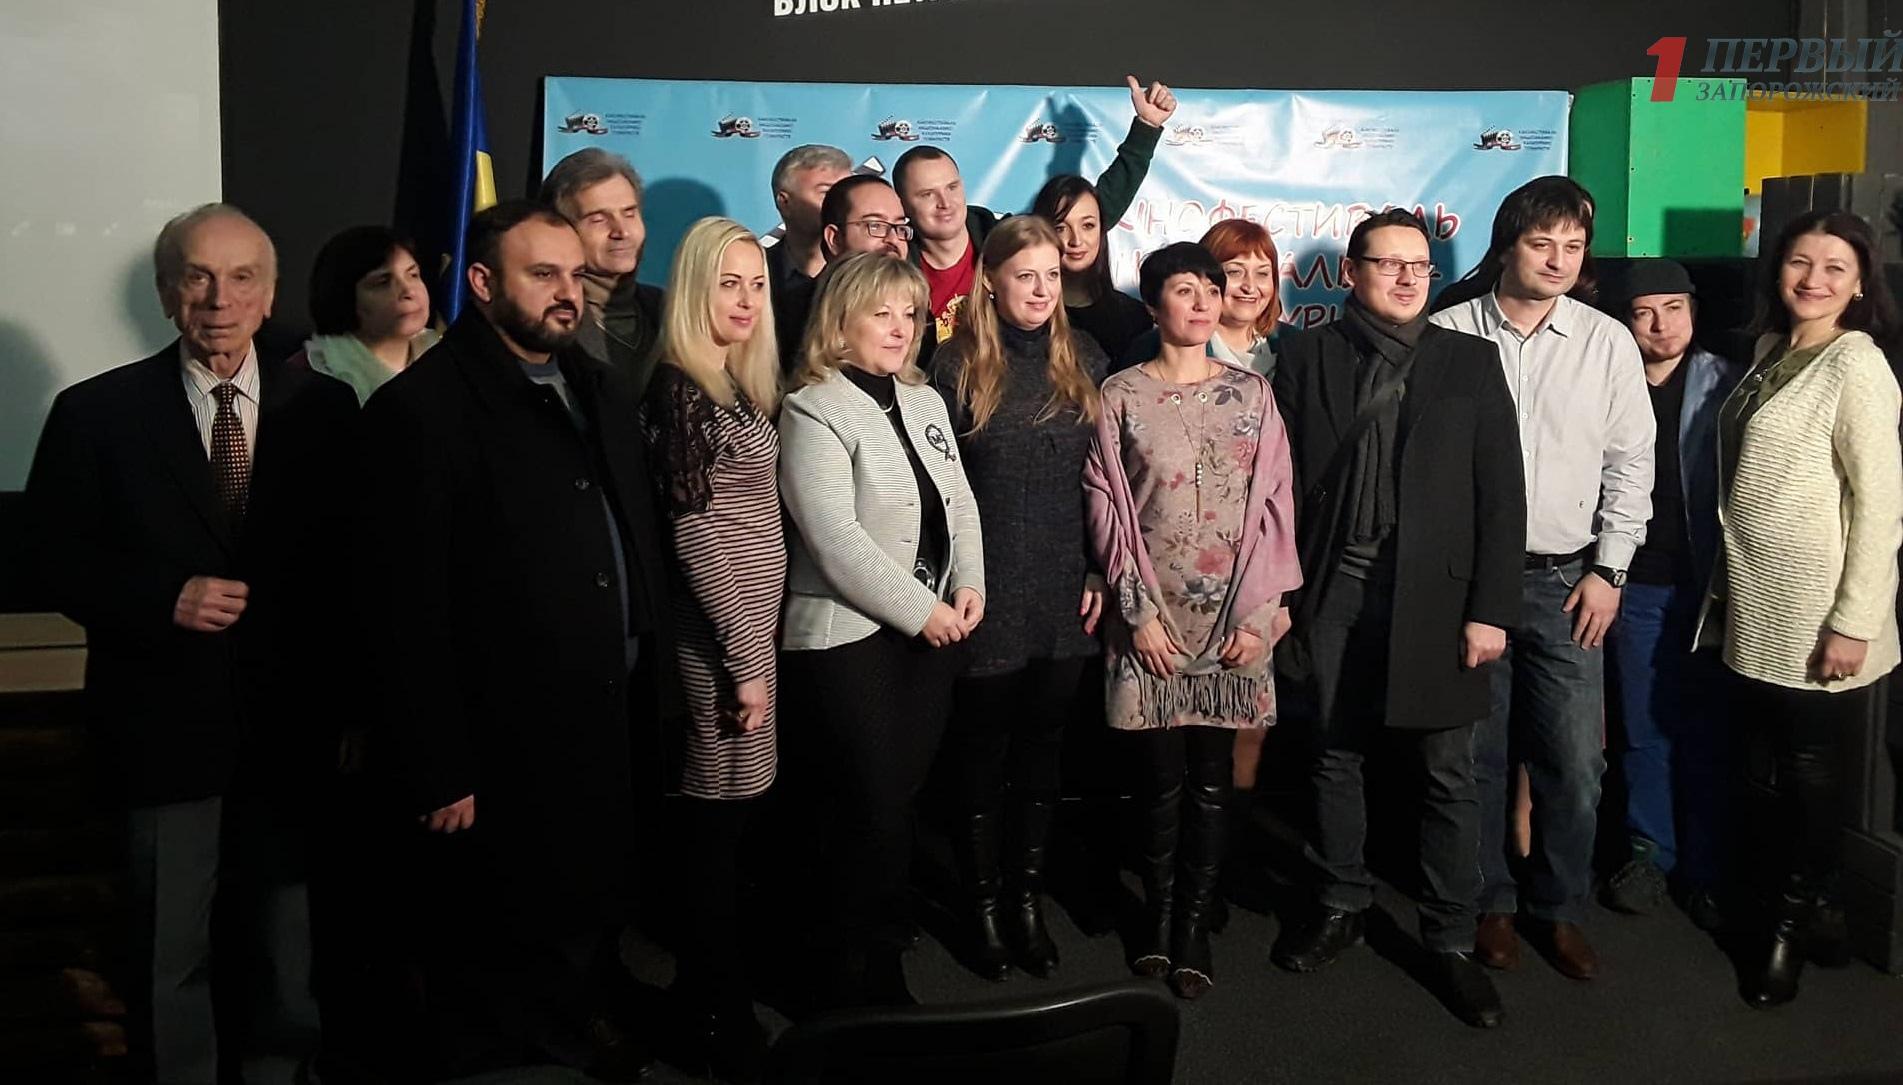 В Запорожье состоялся фестиваль национально-культурных обществ|В дороге - сайт о путешествиях и приключениях